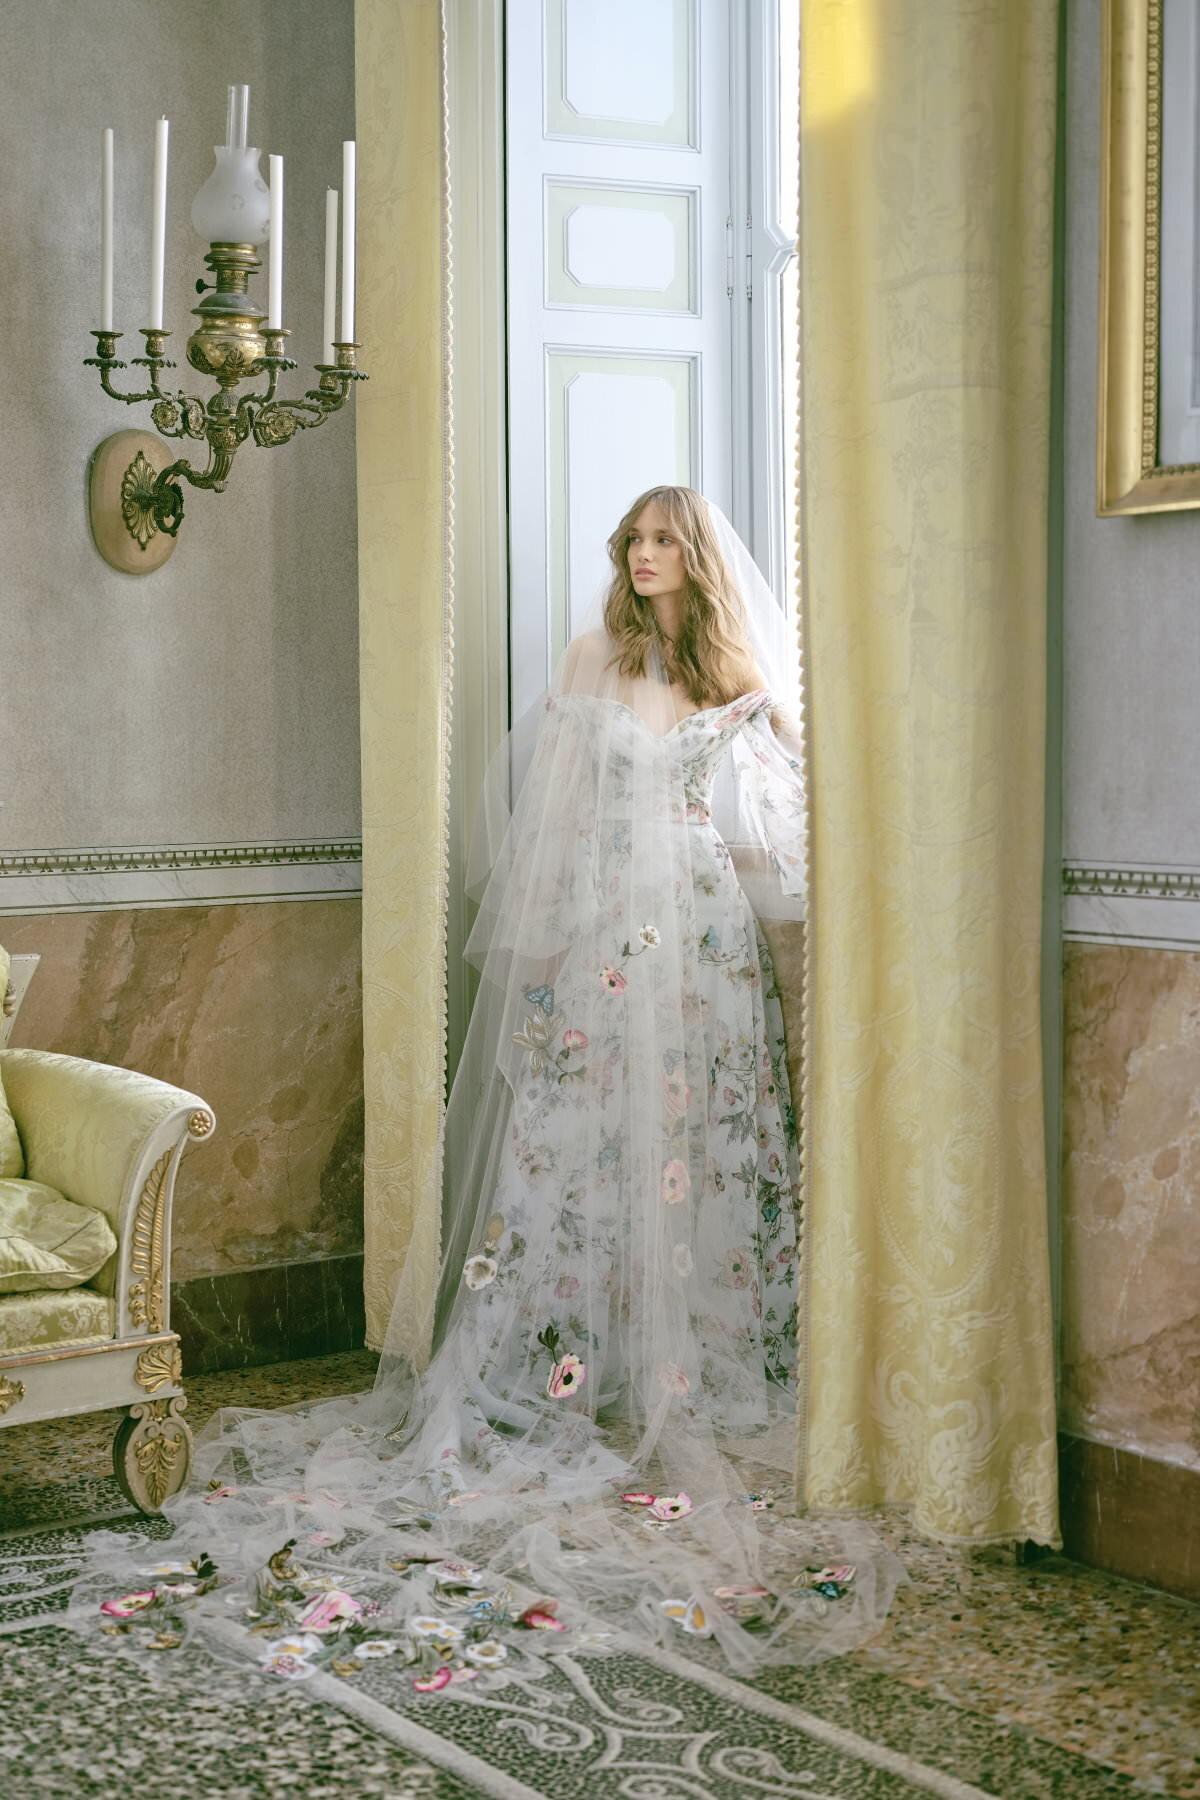 MoniqueLhuillier-Fall2020-Bridal-Look1-Jardin-ktmerry.jpg